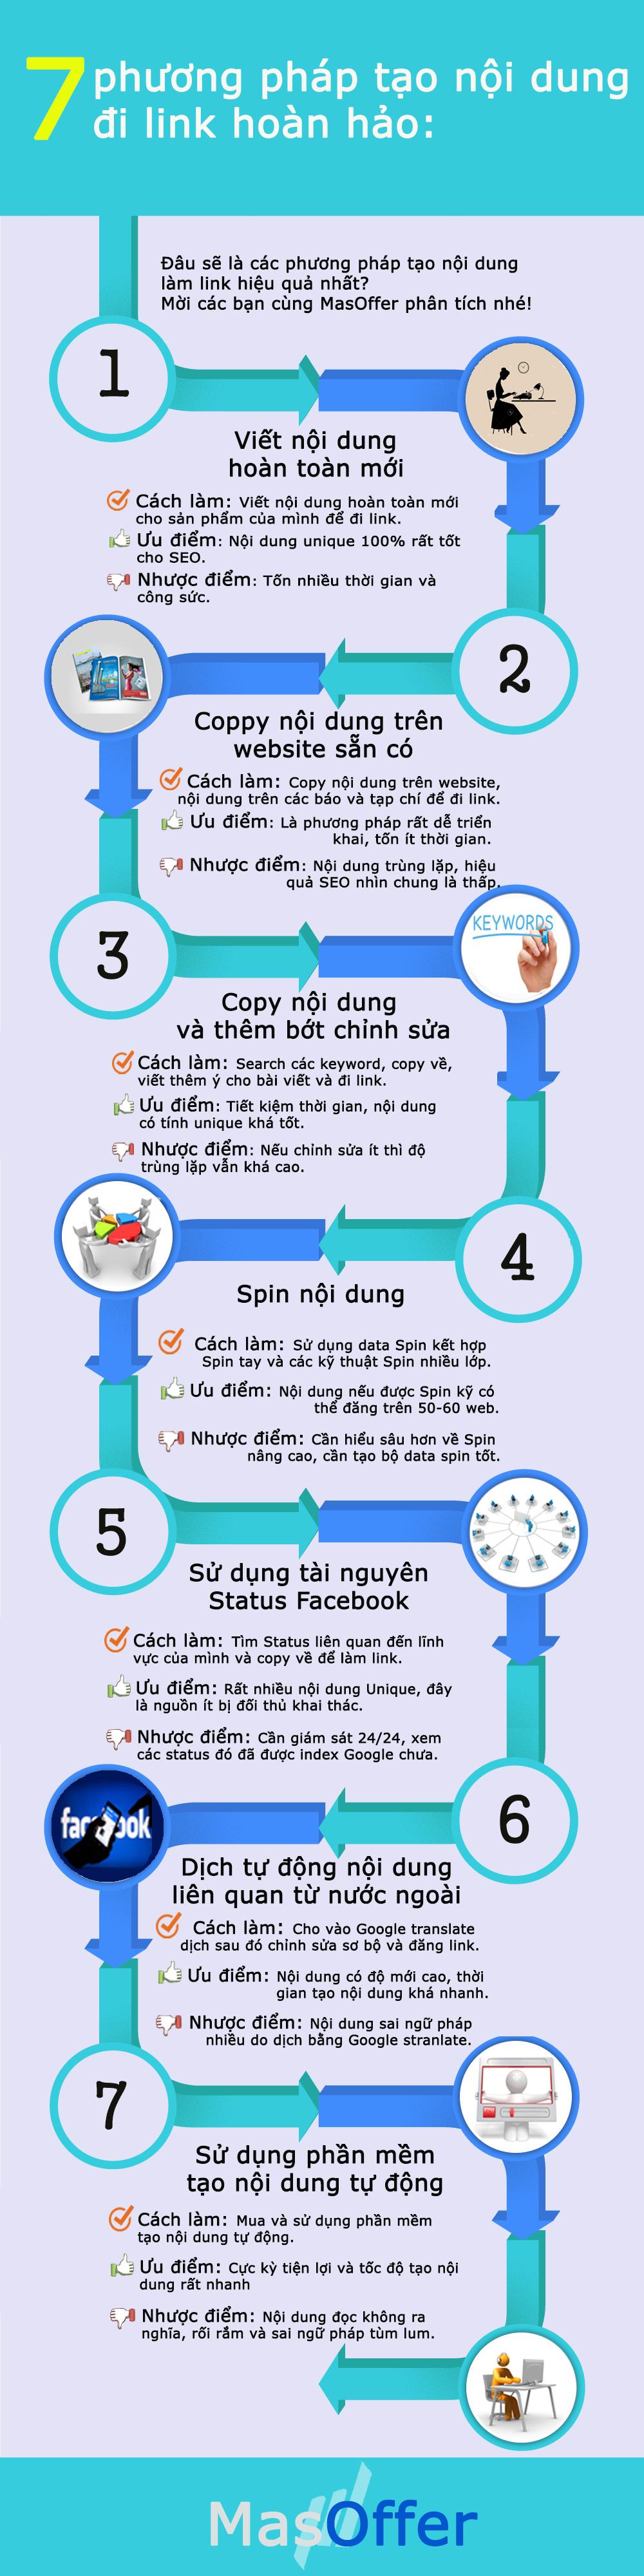 7 pp đi link